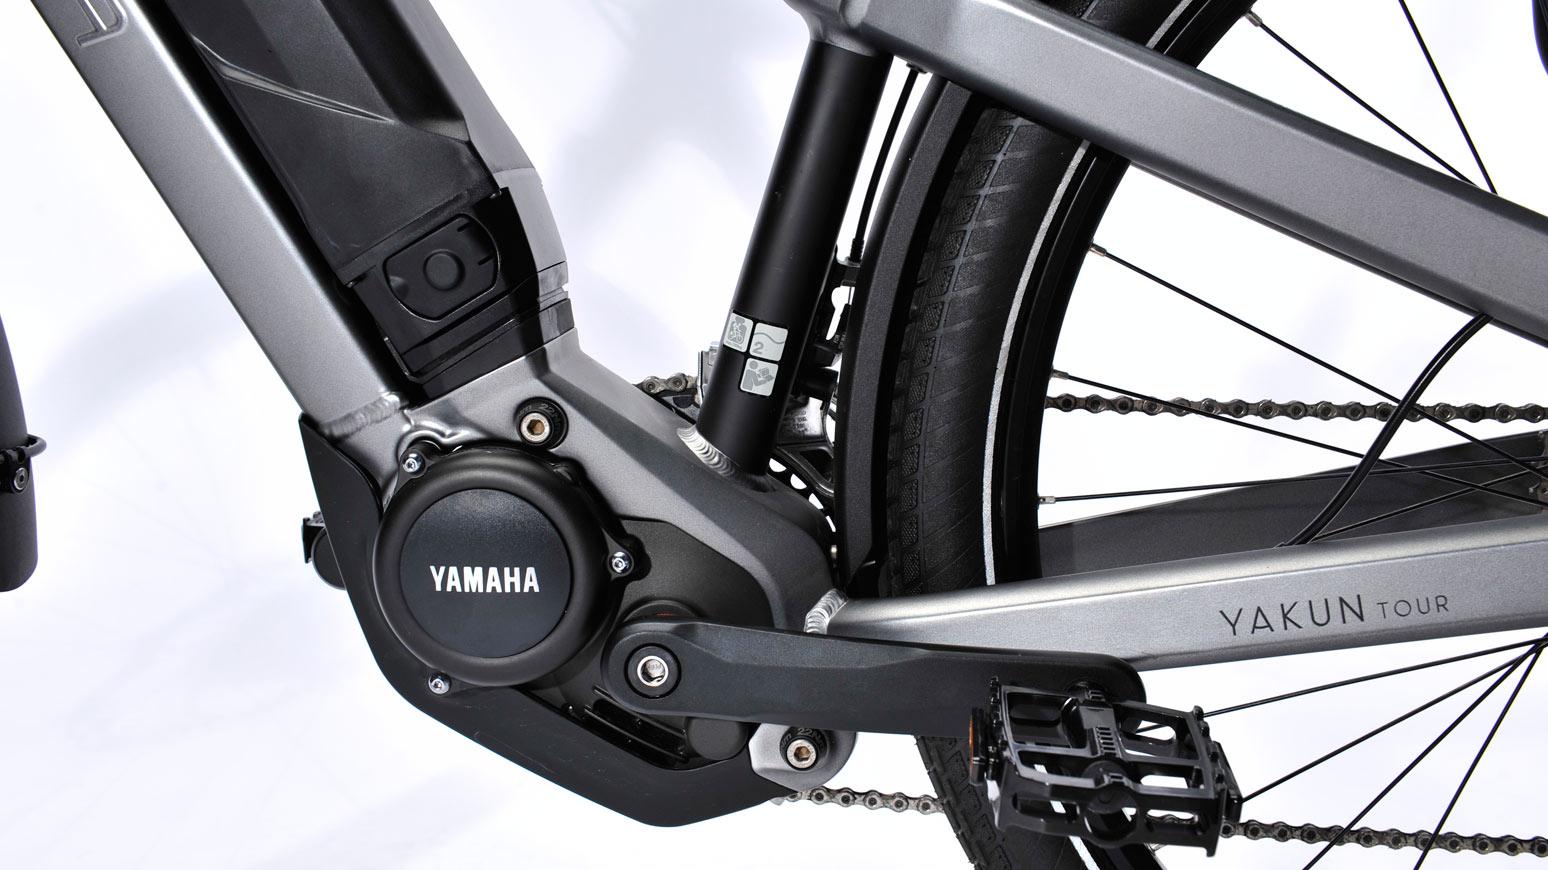 Winora-Yakun-Tour_Yamahamotor